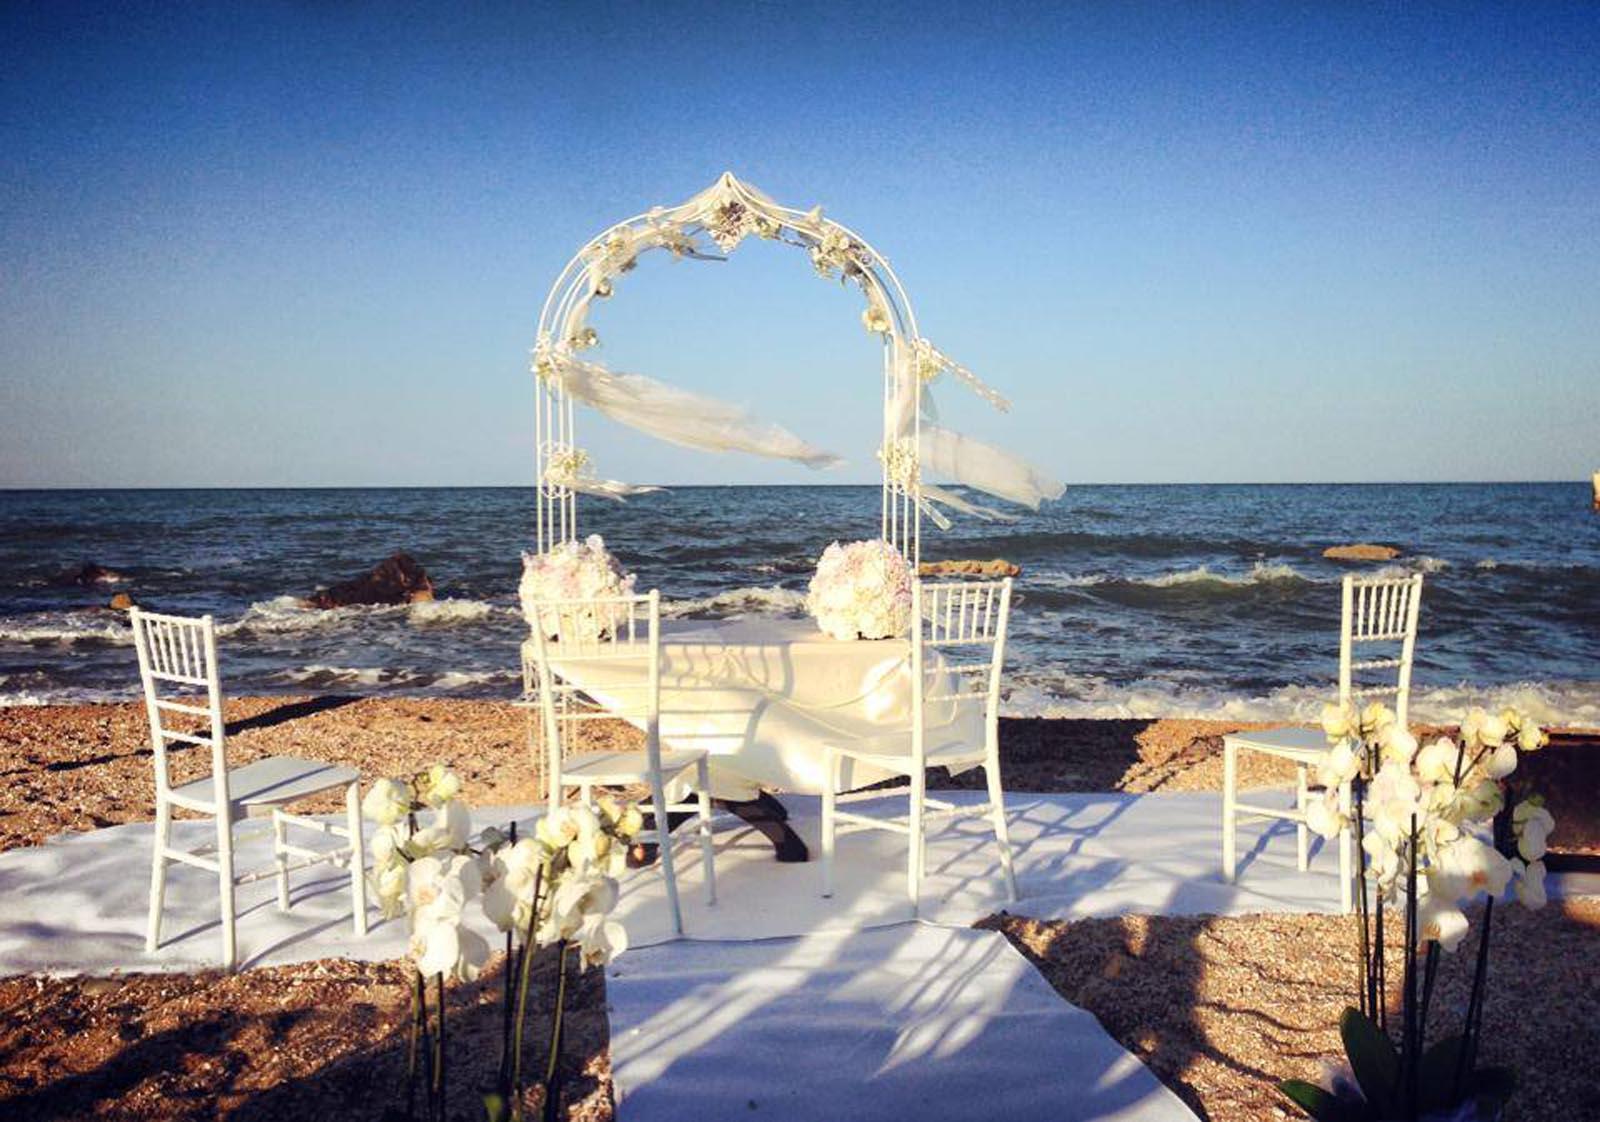 Matrimonio In Spiaggia Nelle Marche : Balneare antonio matrimonio nelle marche